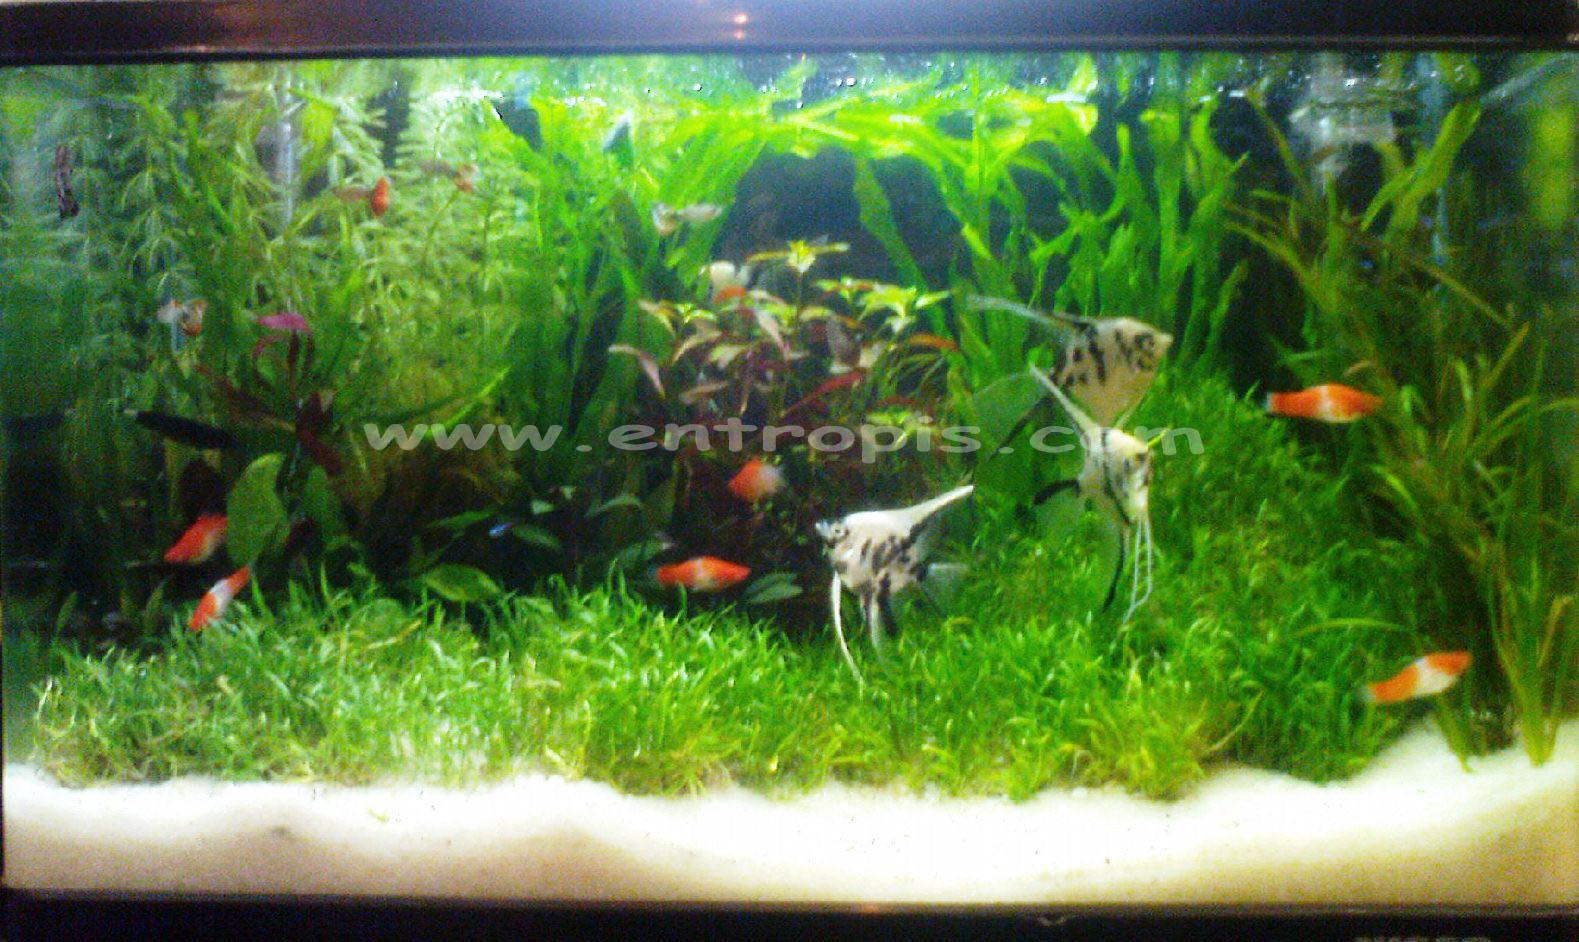 Best Aquarium Air Tawar Dekorasi Paling Populer Hiasan akuarium air tawar